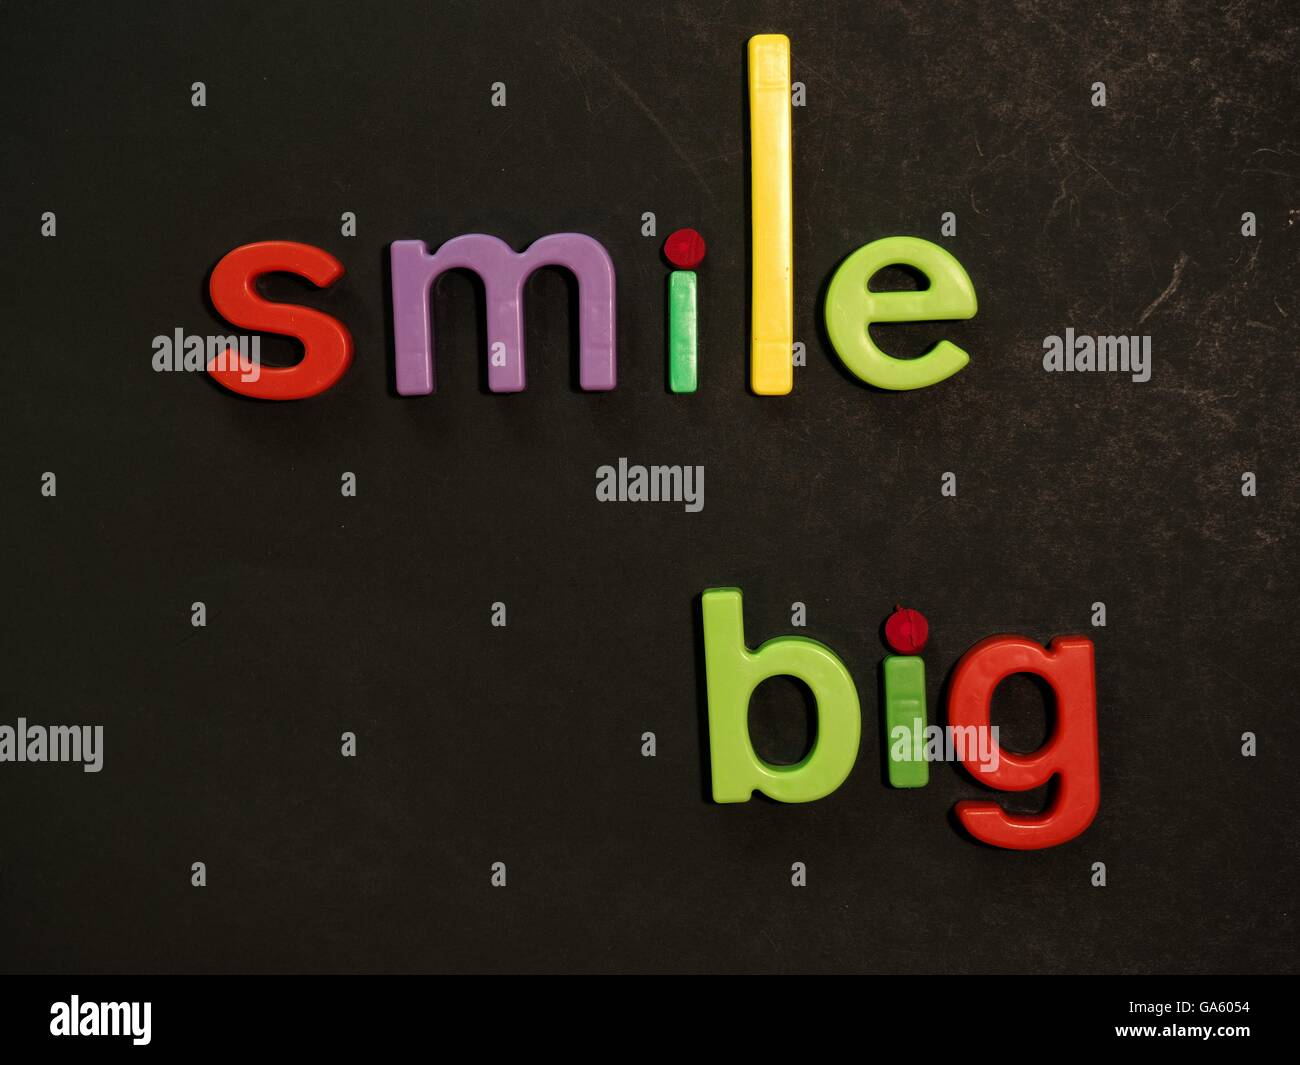 Lächeln! Inspirierende Botschaft in lebhaften bunten Magnet-Buchstaben Stockbild